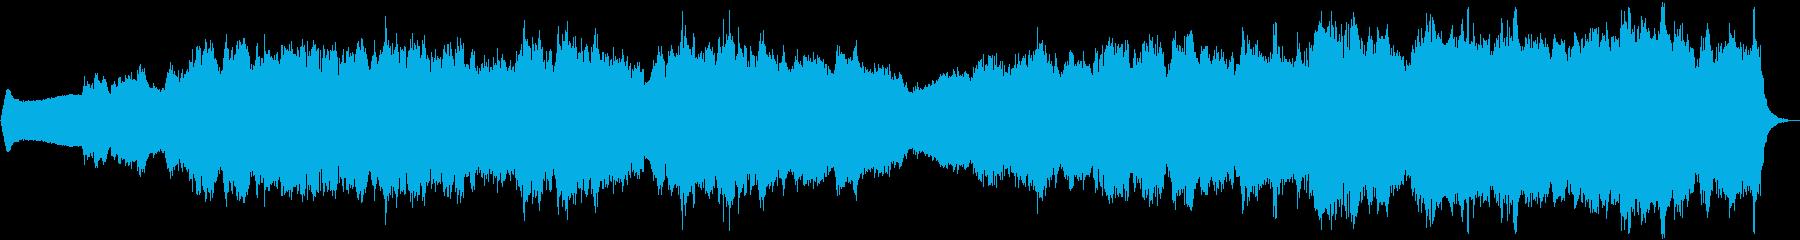 アンビエントミュージック 広い 壮...の再生済みの波形